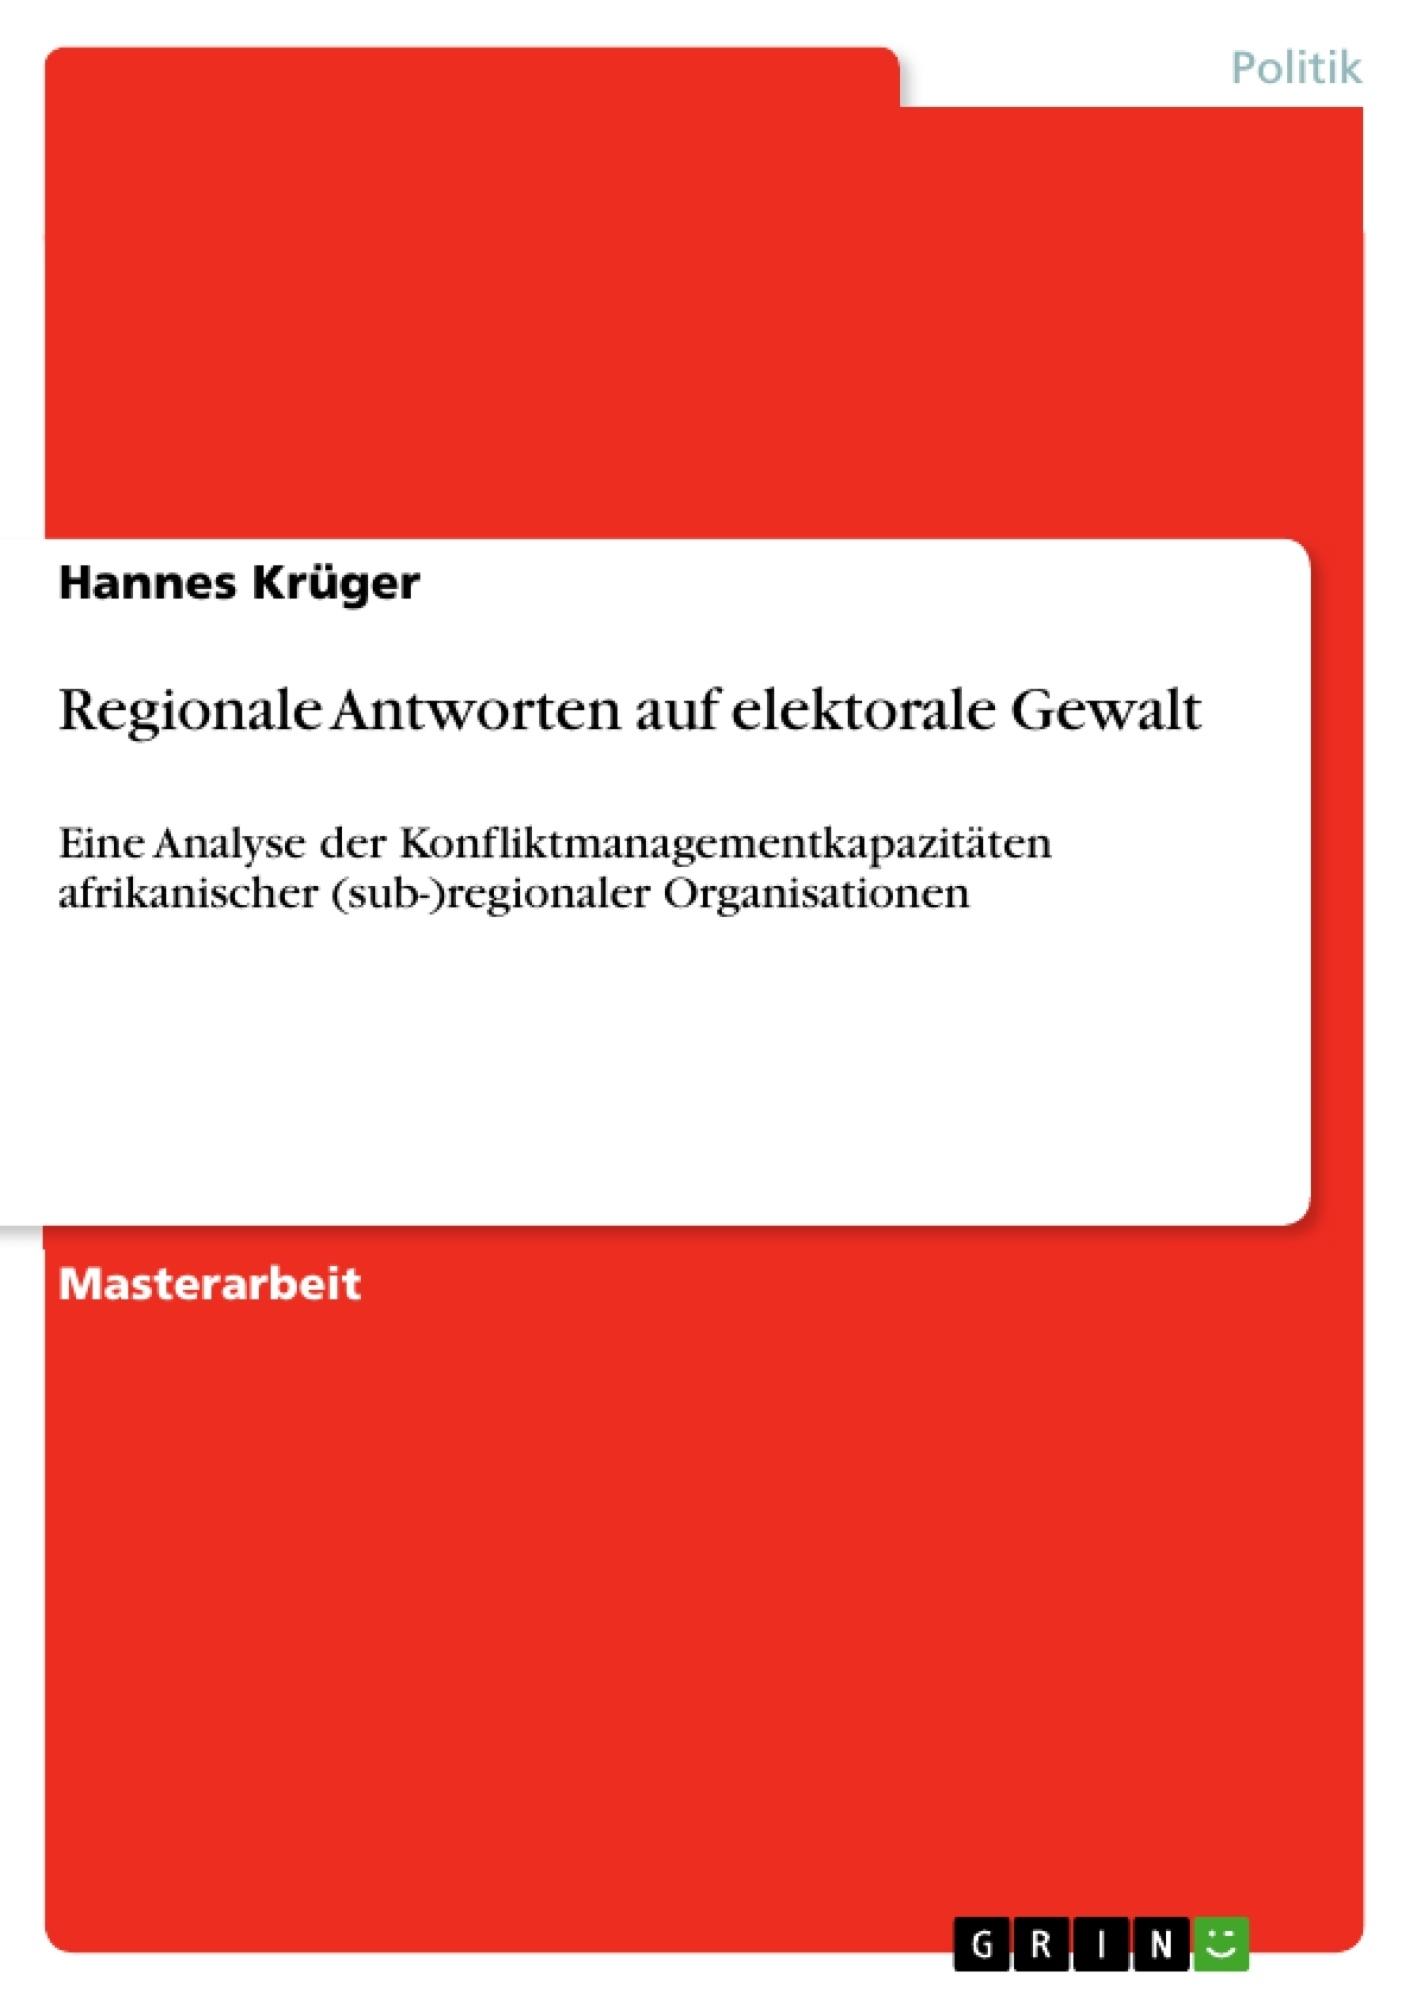 Titel: Regionale Antworten auf elektorale Gewalt